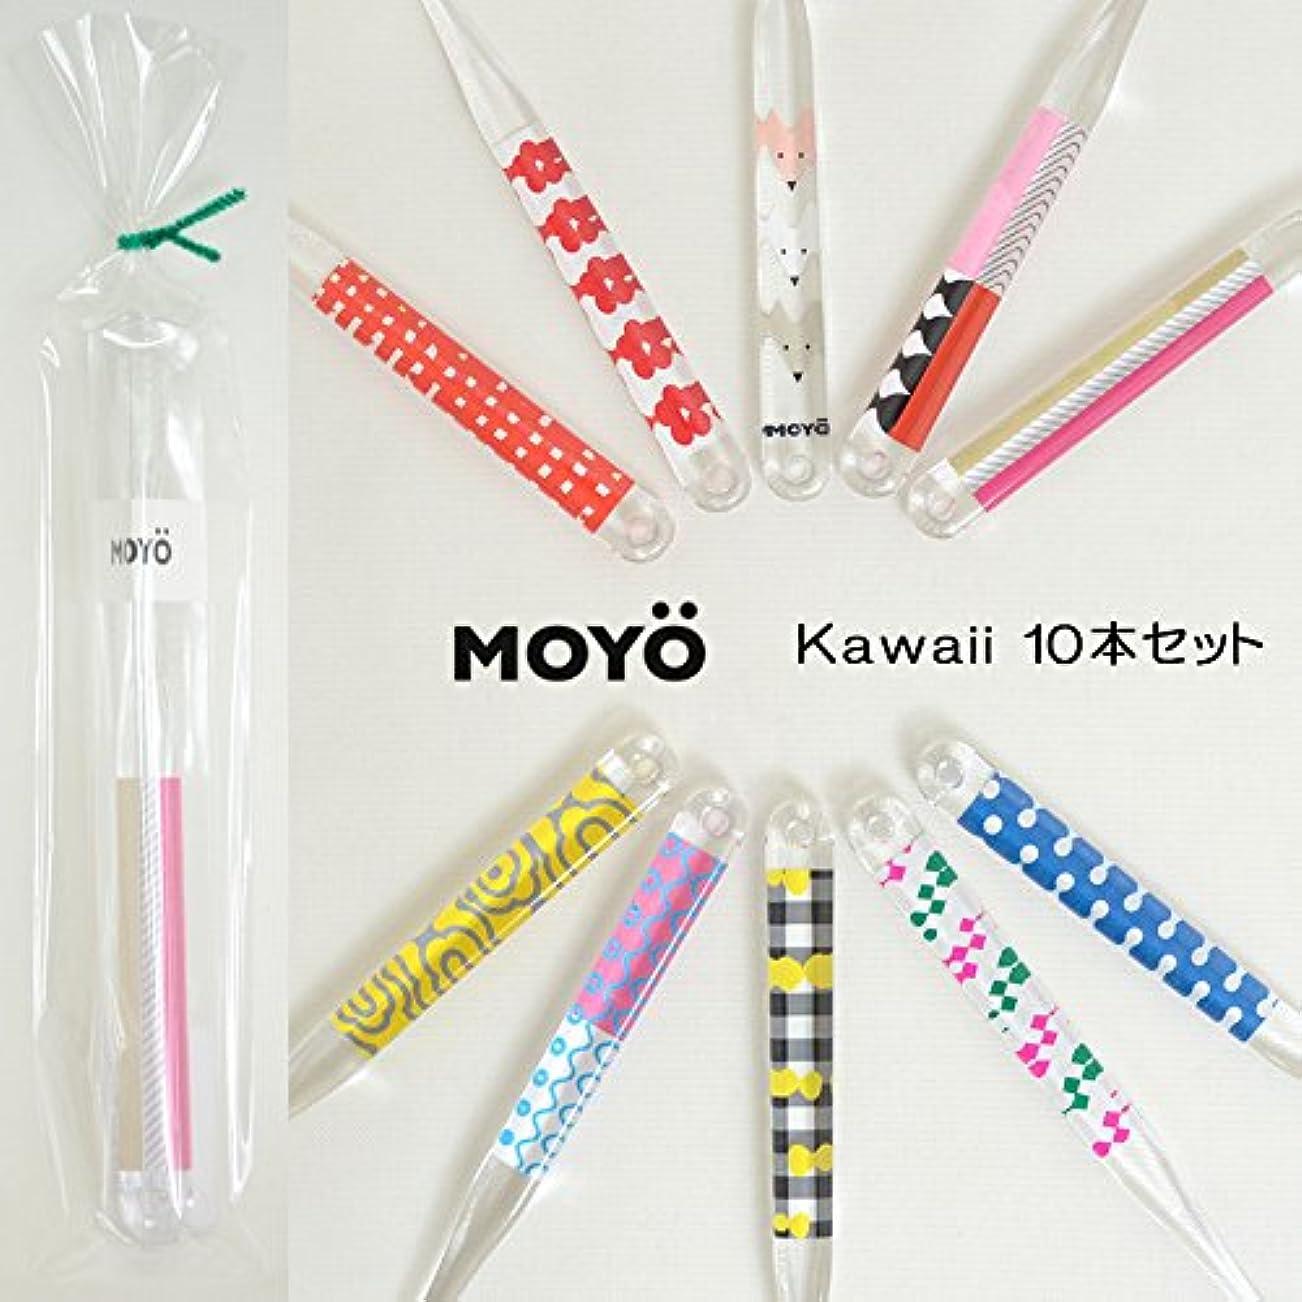 保安大佐禁止するMOYO モヨウ kawaii10本 プチ ギフト セット_562302-kawaii2 【F】,kawaii10本セット